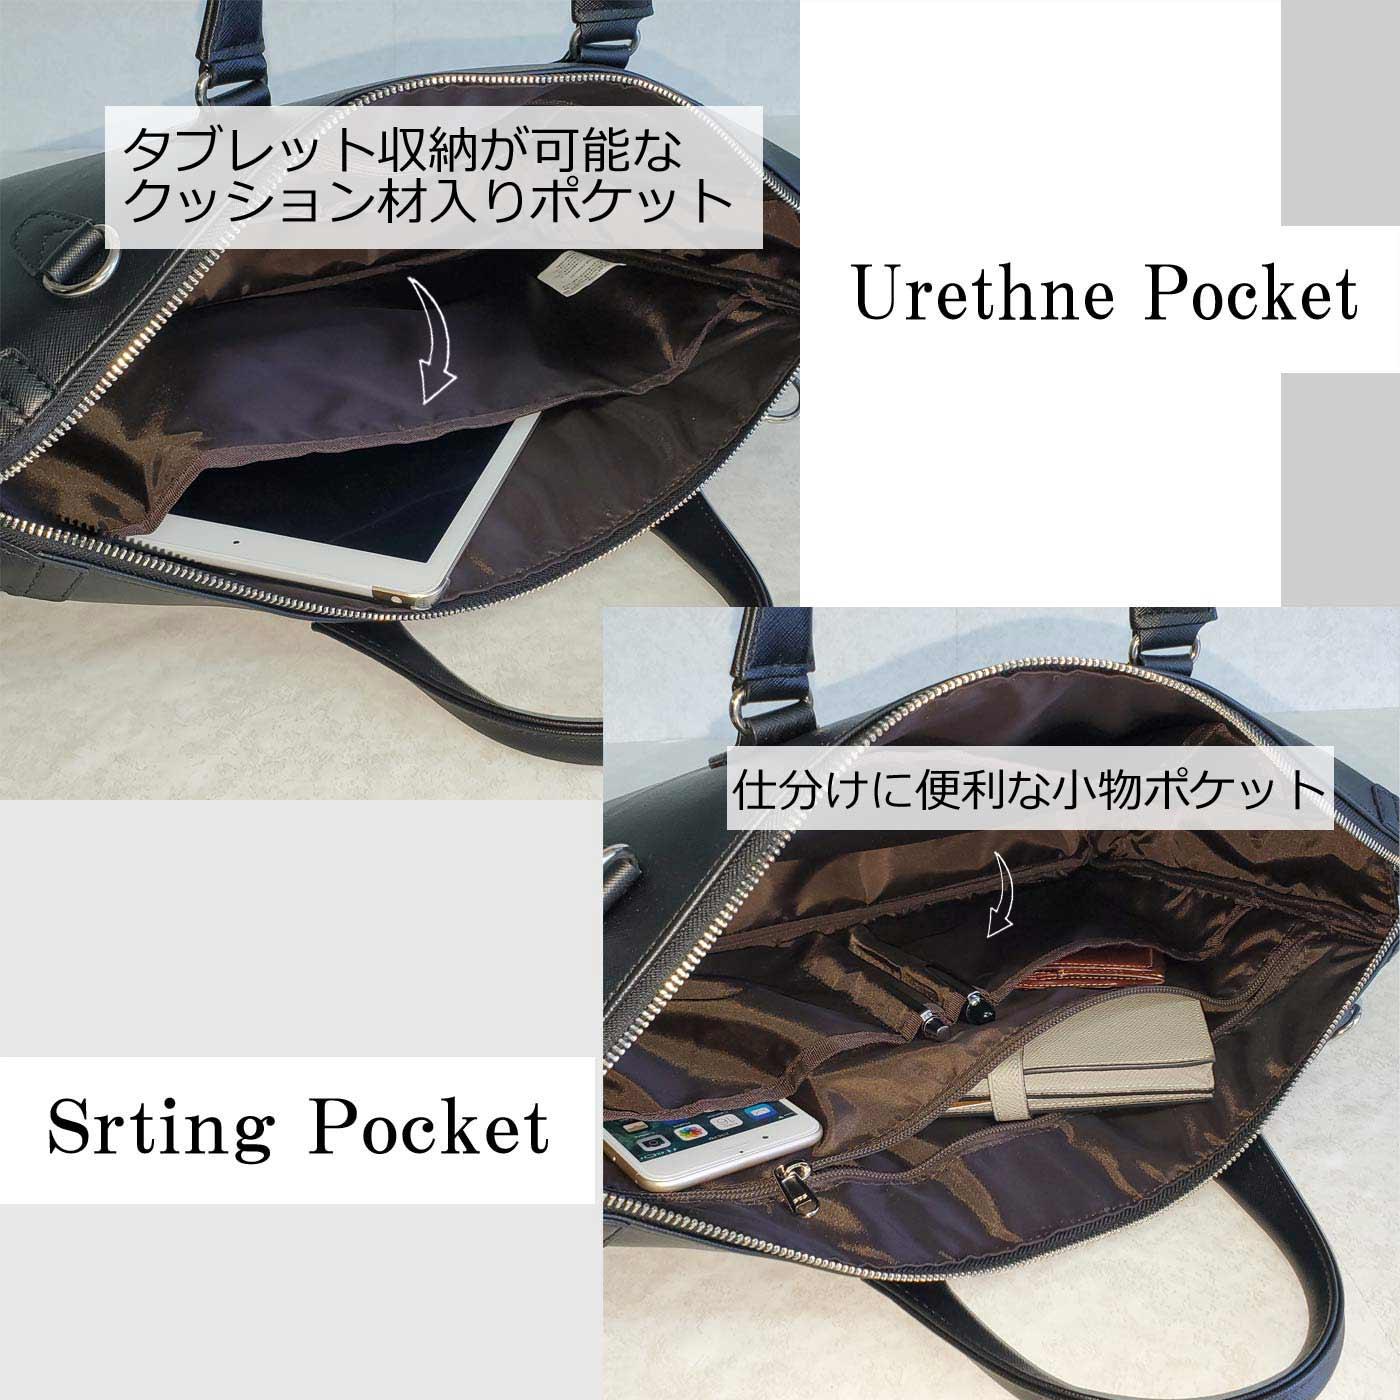 ブリーフケース ビジネスバッグ メンズ レディース ユニセックス B4 タブレット対応 通勤 黒 KBN26692 ハミルトン HAMILTON